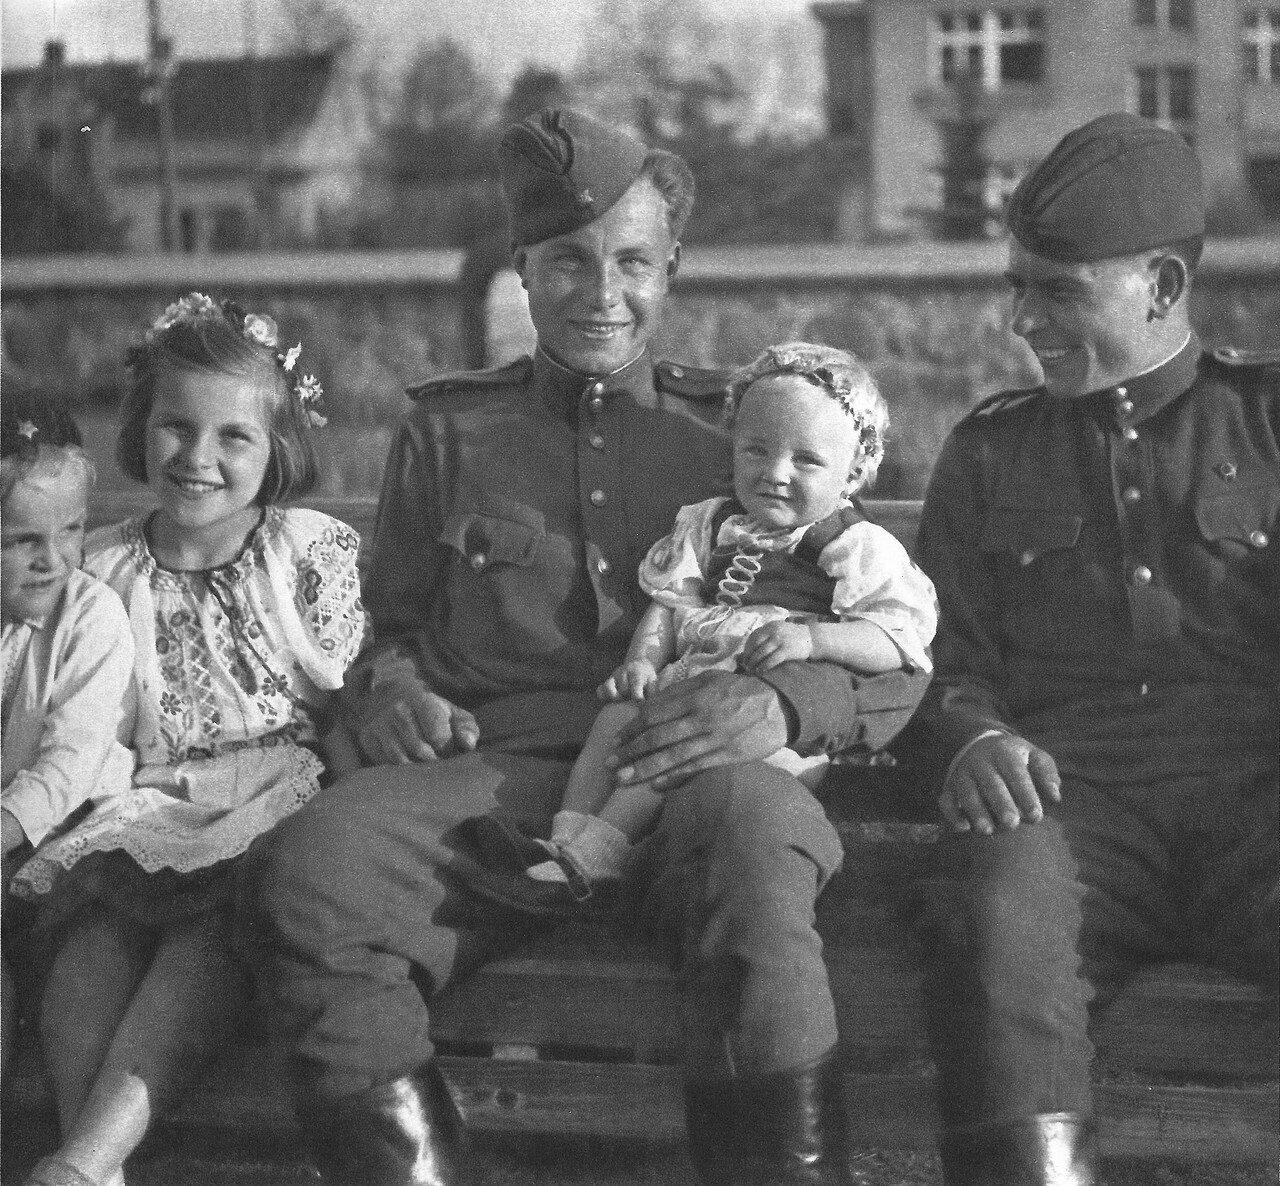 Солдаты ебут женщин в годы войны